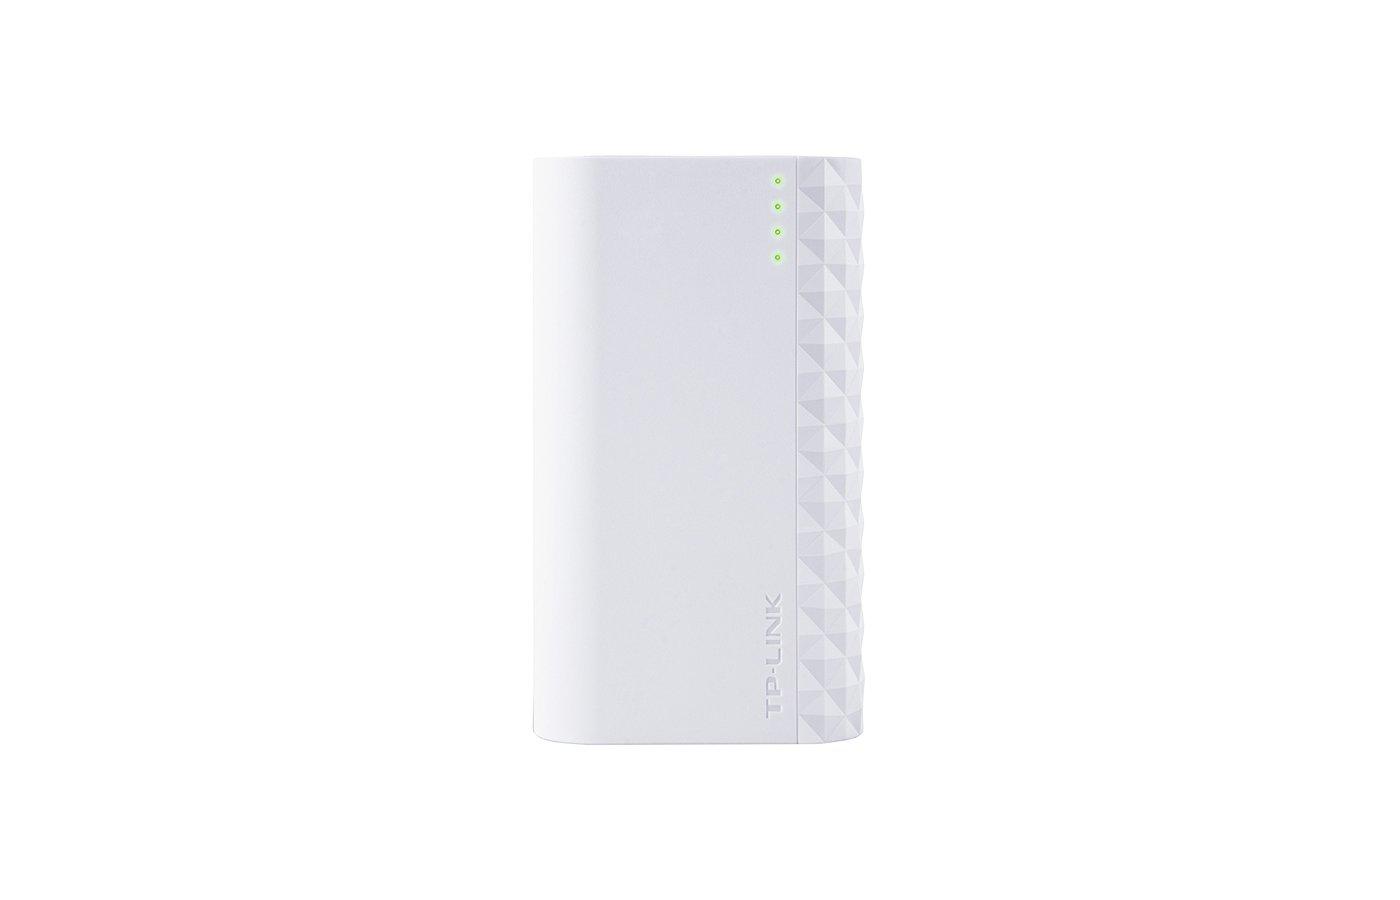 Портативный аккумулятор TP-Link TL-PB5200